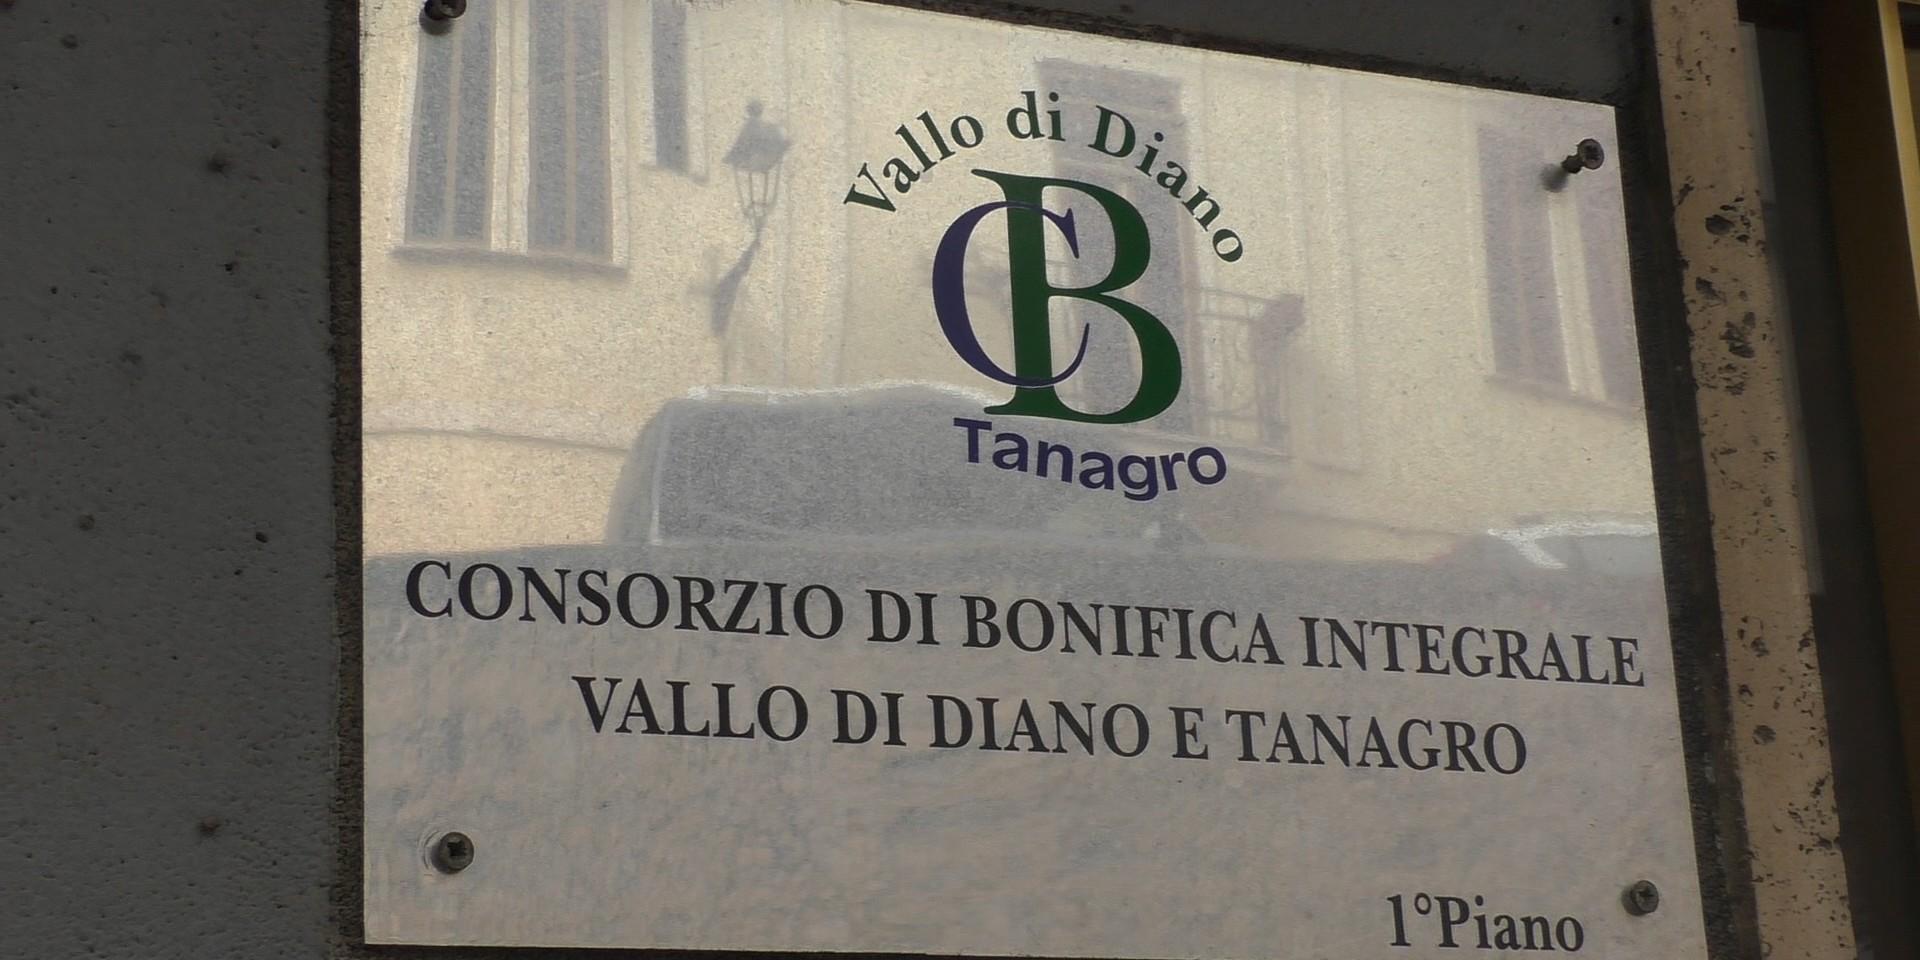 """Vallo di Diano, consorzio di bonifica. Lettera aperta dei delegati Gallo e Chiappardo dopo il voto contrario all'assestamento. """"Non siamo maggioranza nè minoranza.  In diritto di assumere posizioni differenti""""."""